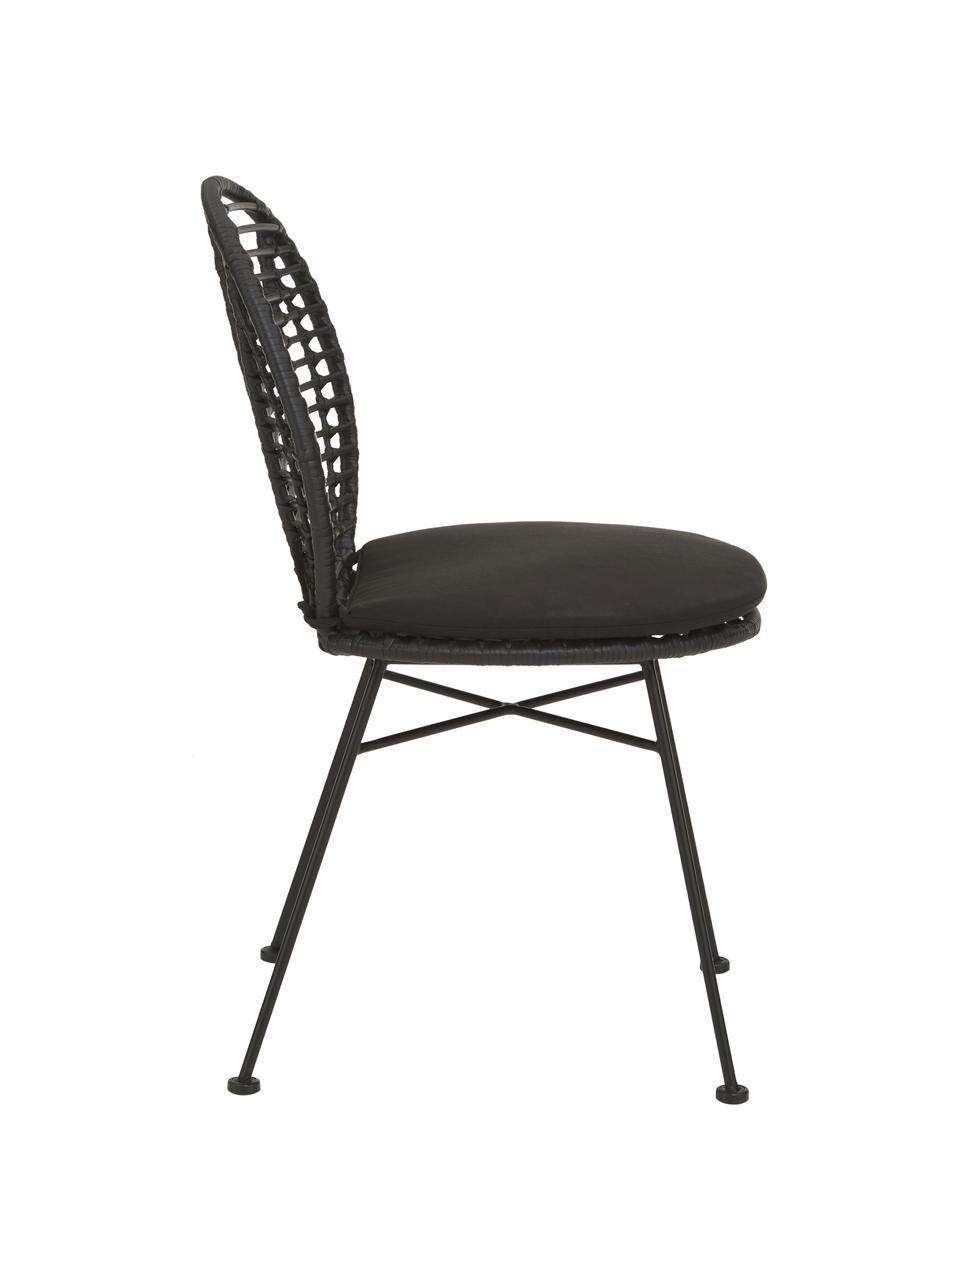 Krzesło z polirattanu  poduszką na siedzisko Cordula, 2 szt., Stelaż: metal malowany proszkowo, Czarny, S 48 x G 57 cm